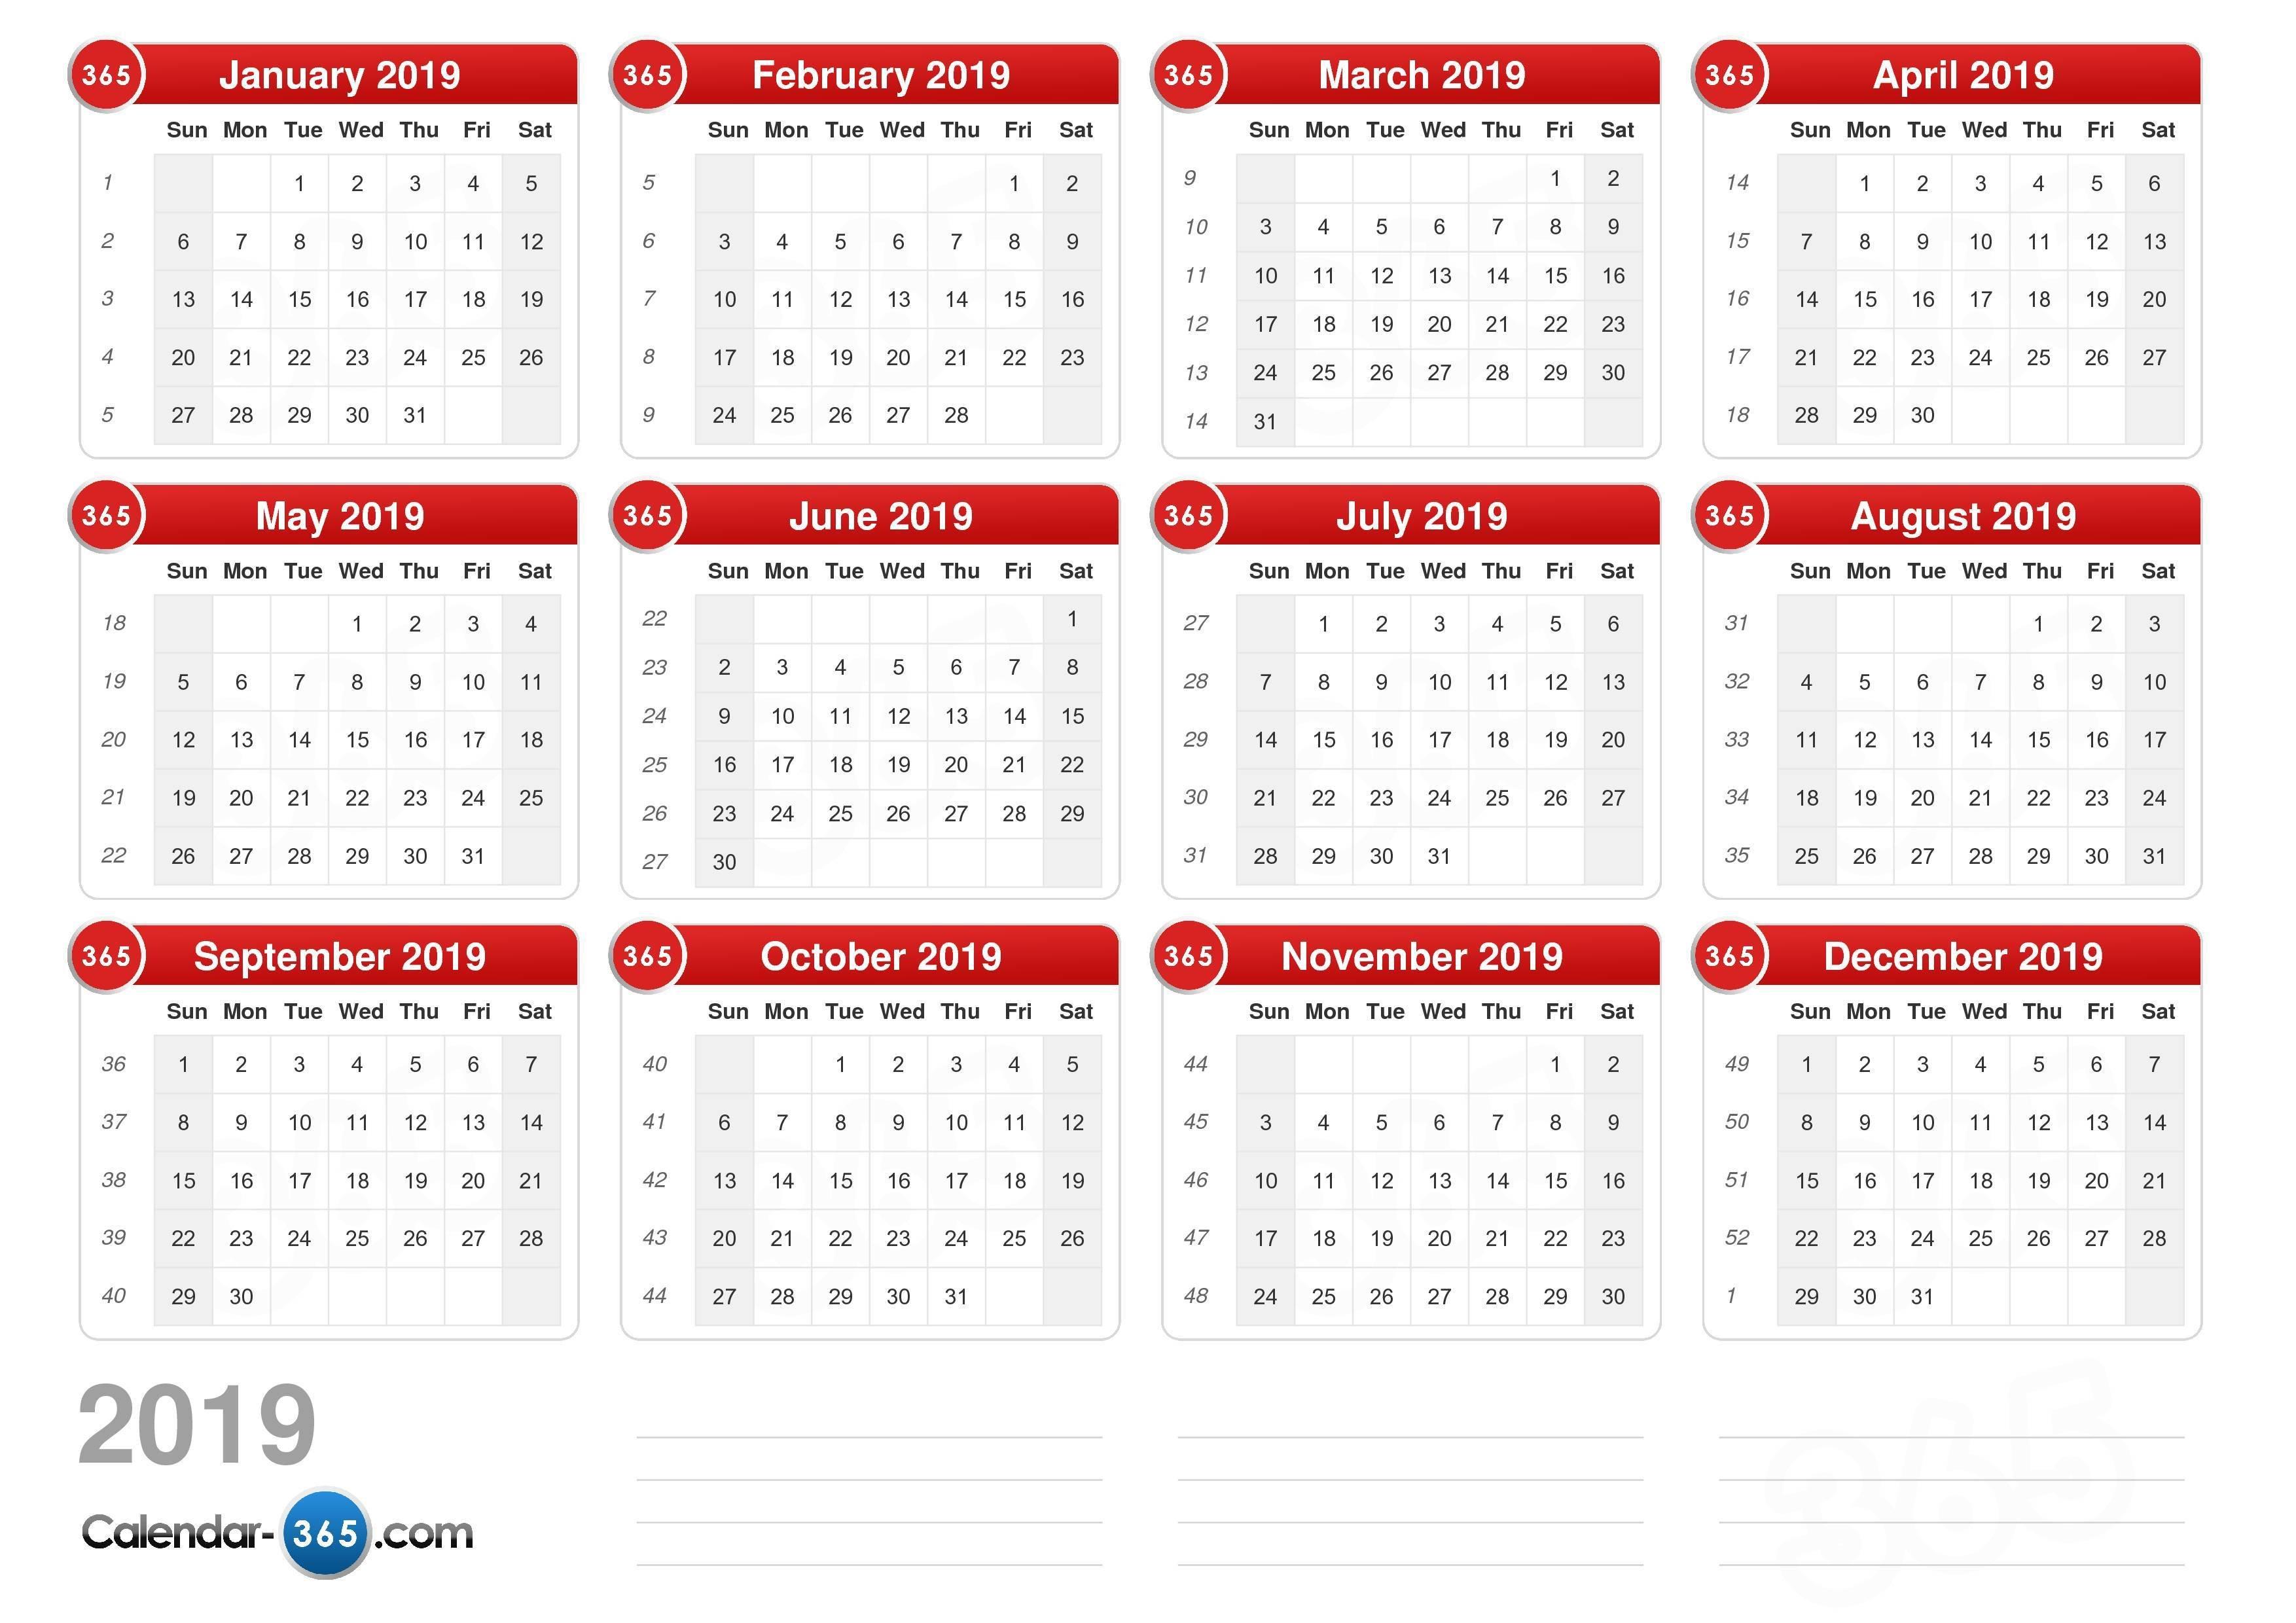 2019 Calendar Calendar Week 14 2019